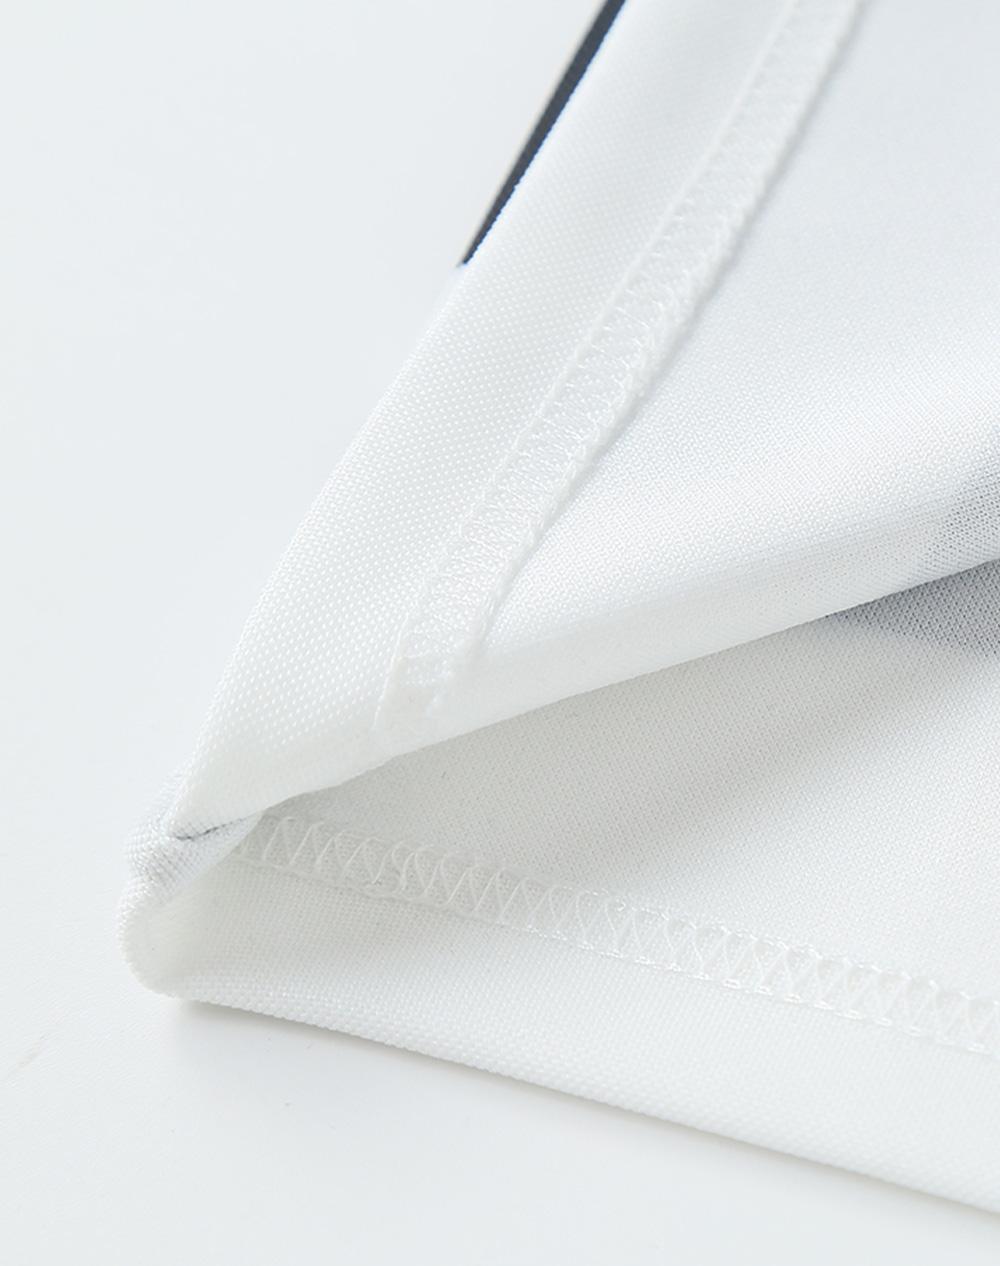 ZVBV European Style Spring Hoodie Fashionable Printing Hoodie Loose Top Coat Long Sleeve Contrast Cover Hoodie 11